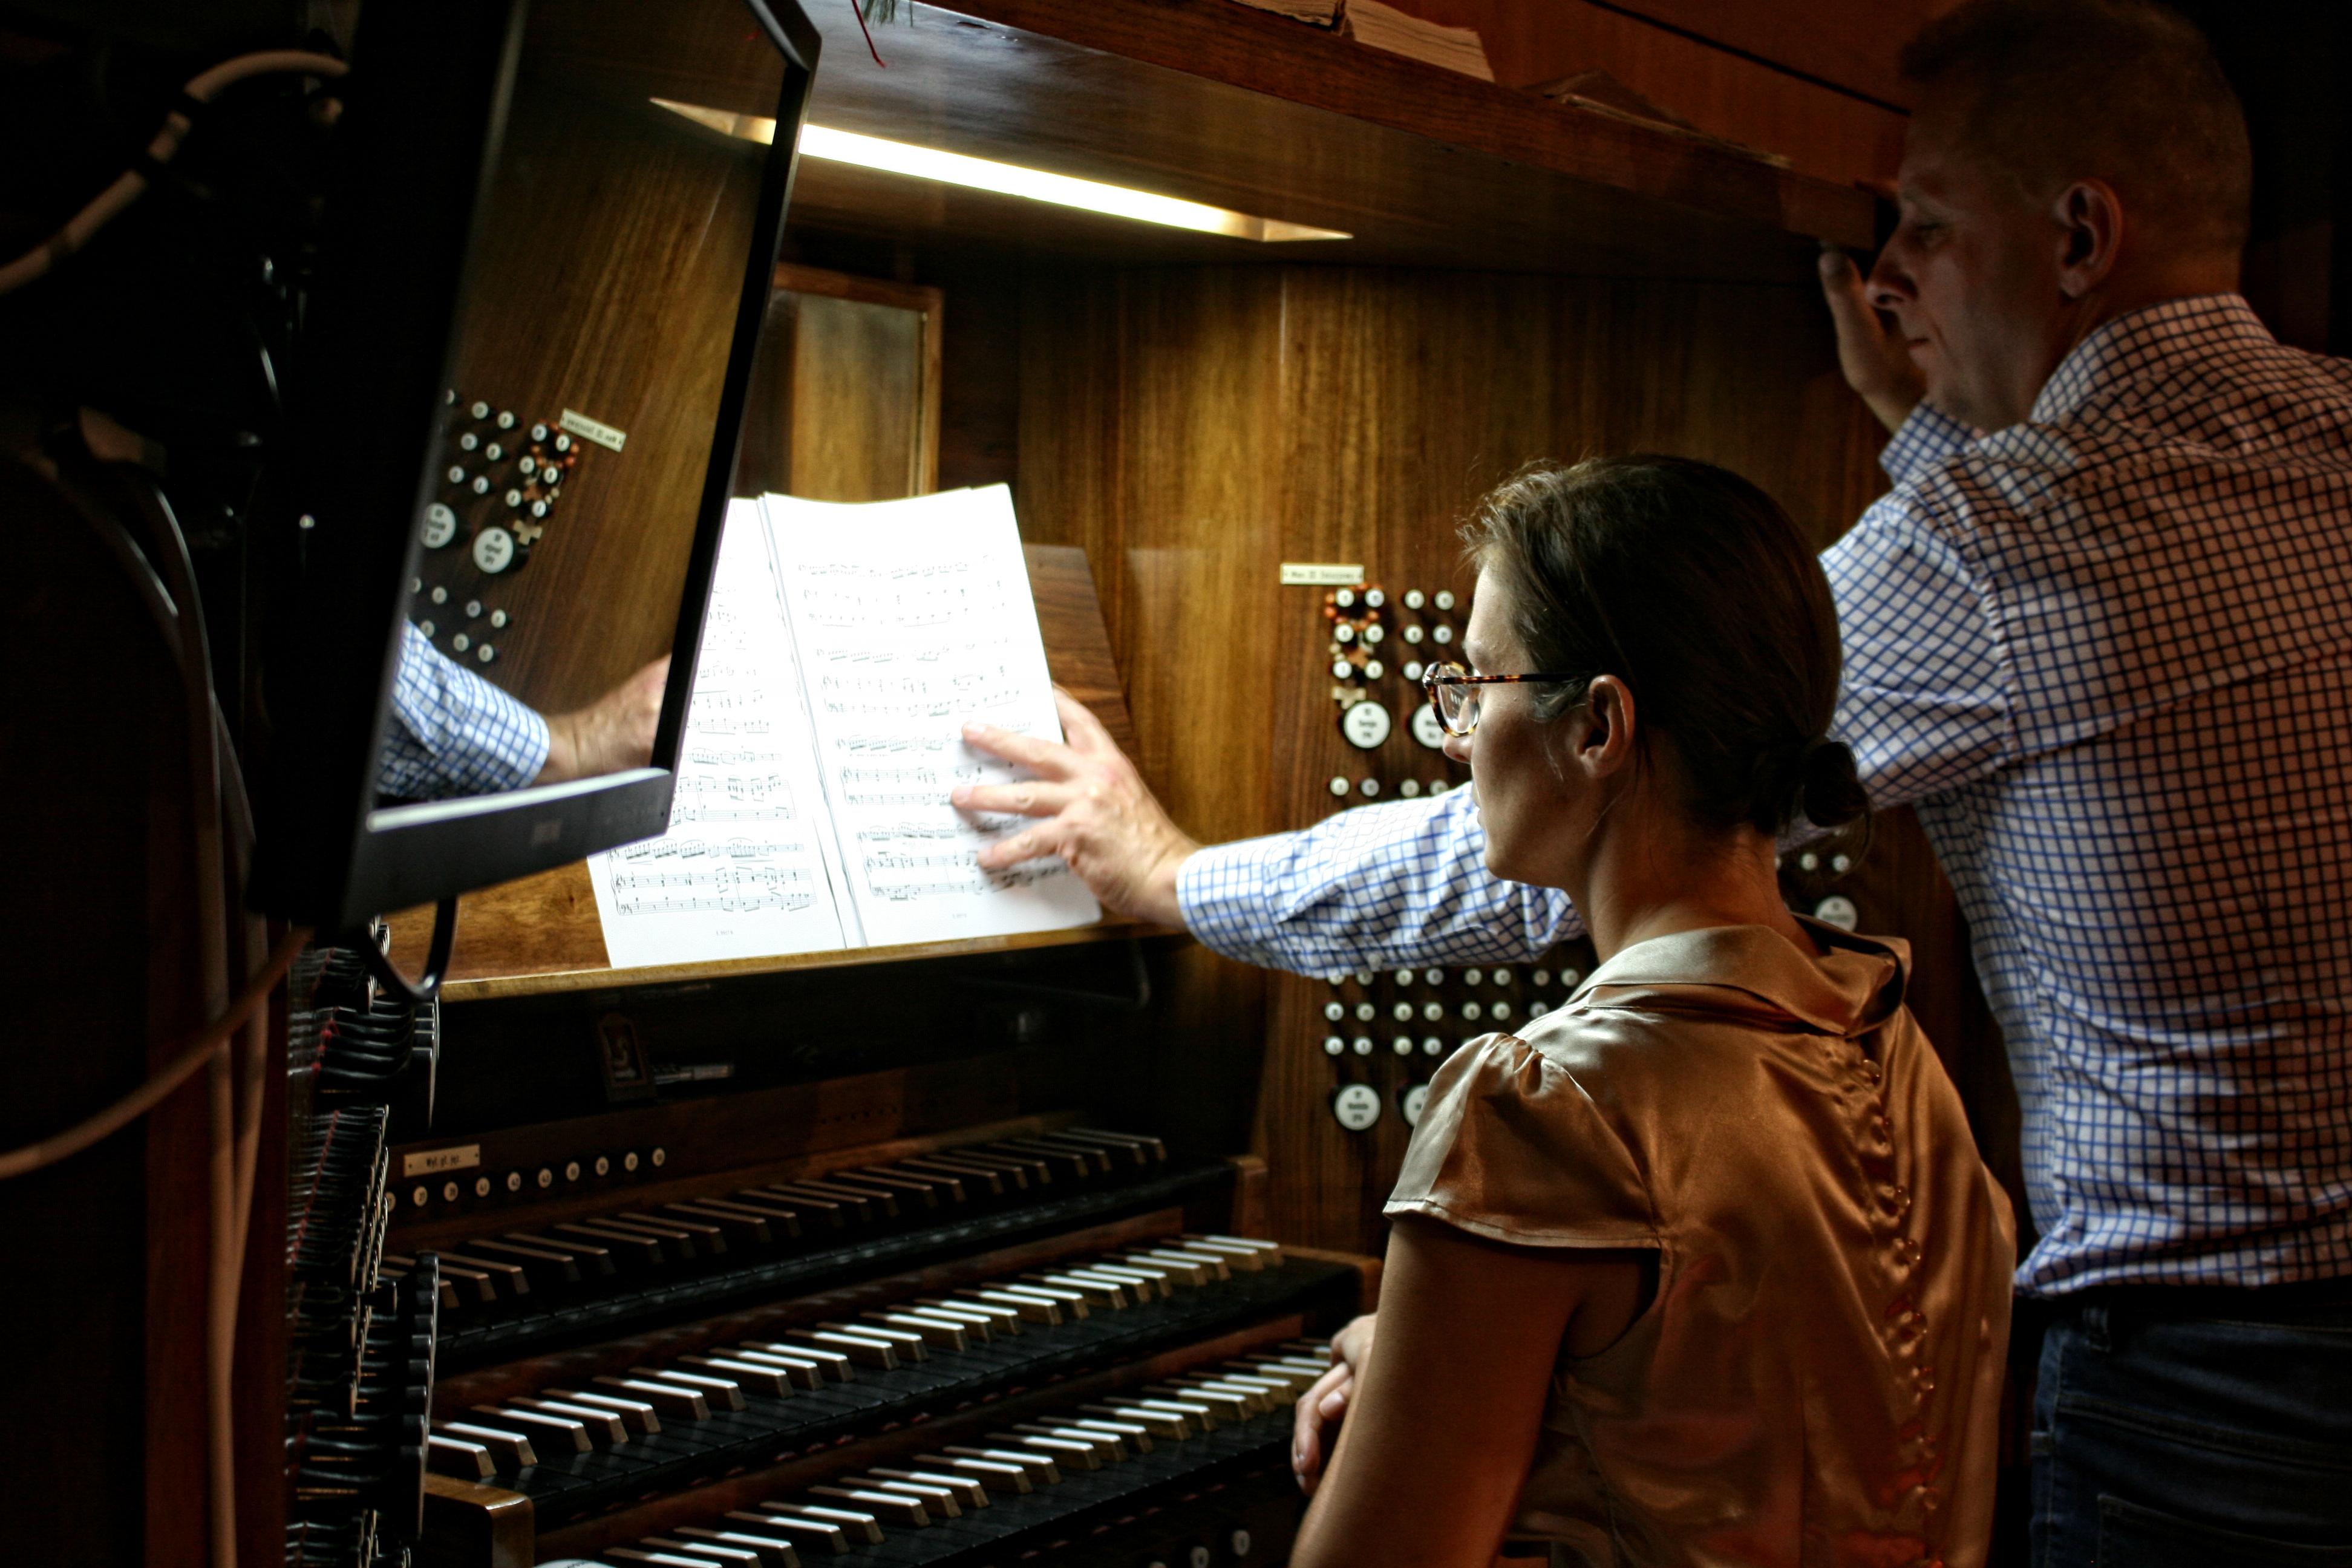 Koncert, jakiego dawno w katedrze nie było